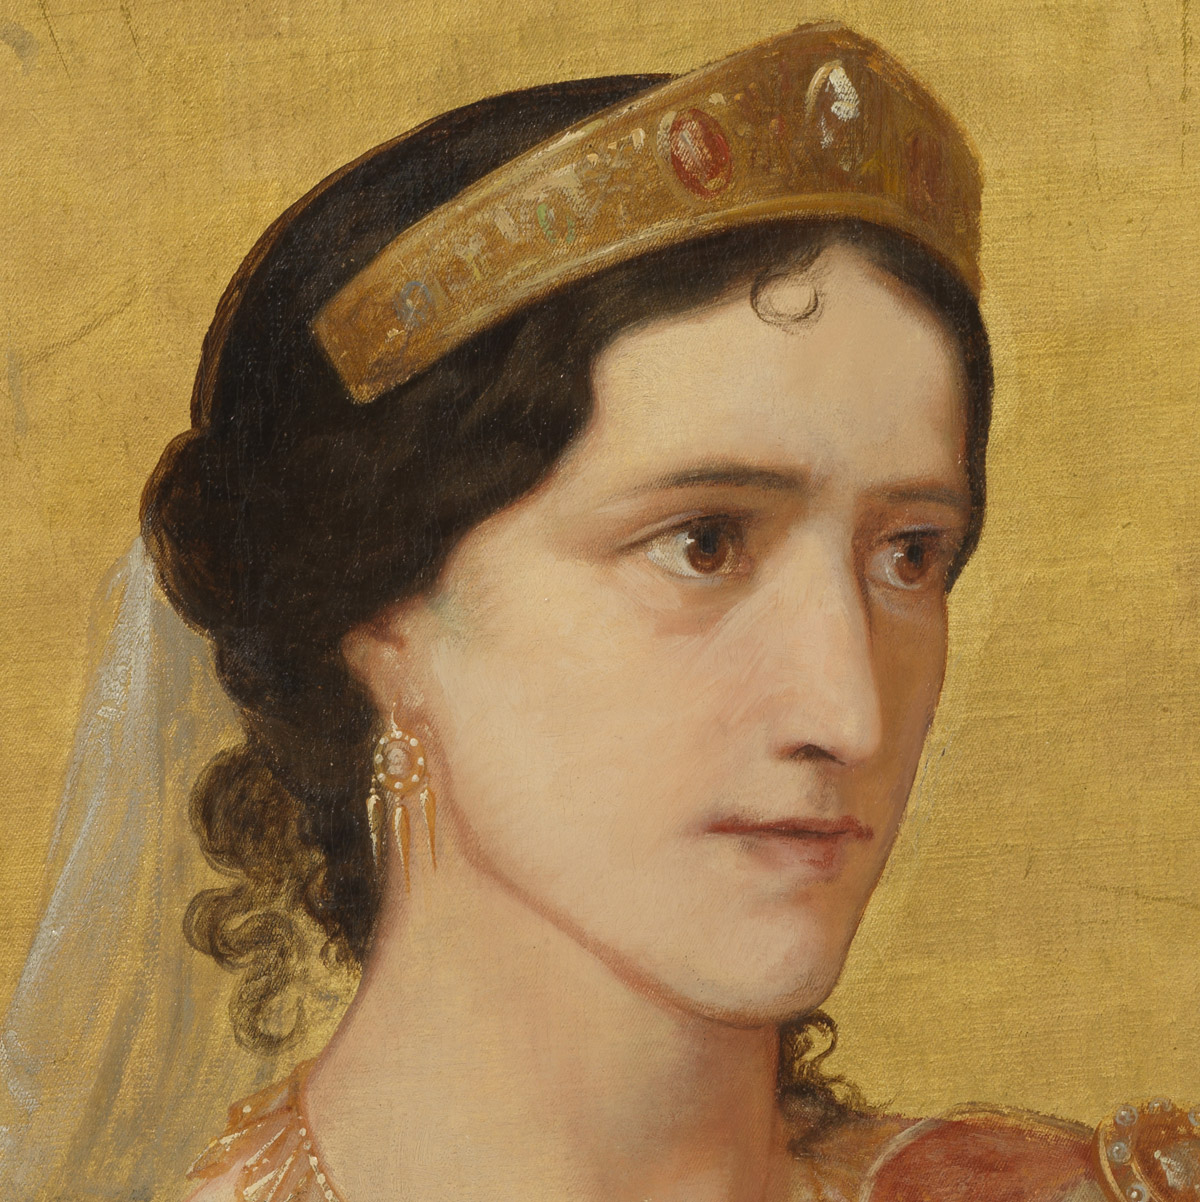 Rachel dans le rôle de Phèdre, par Anker - Patrimoine Charles-André COLONNA WALEWSKI, en ligne directe de Napoléon